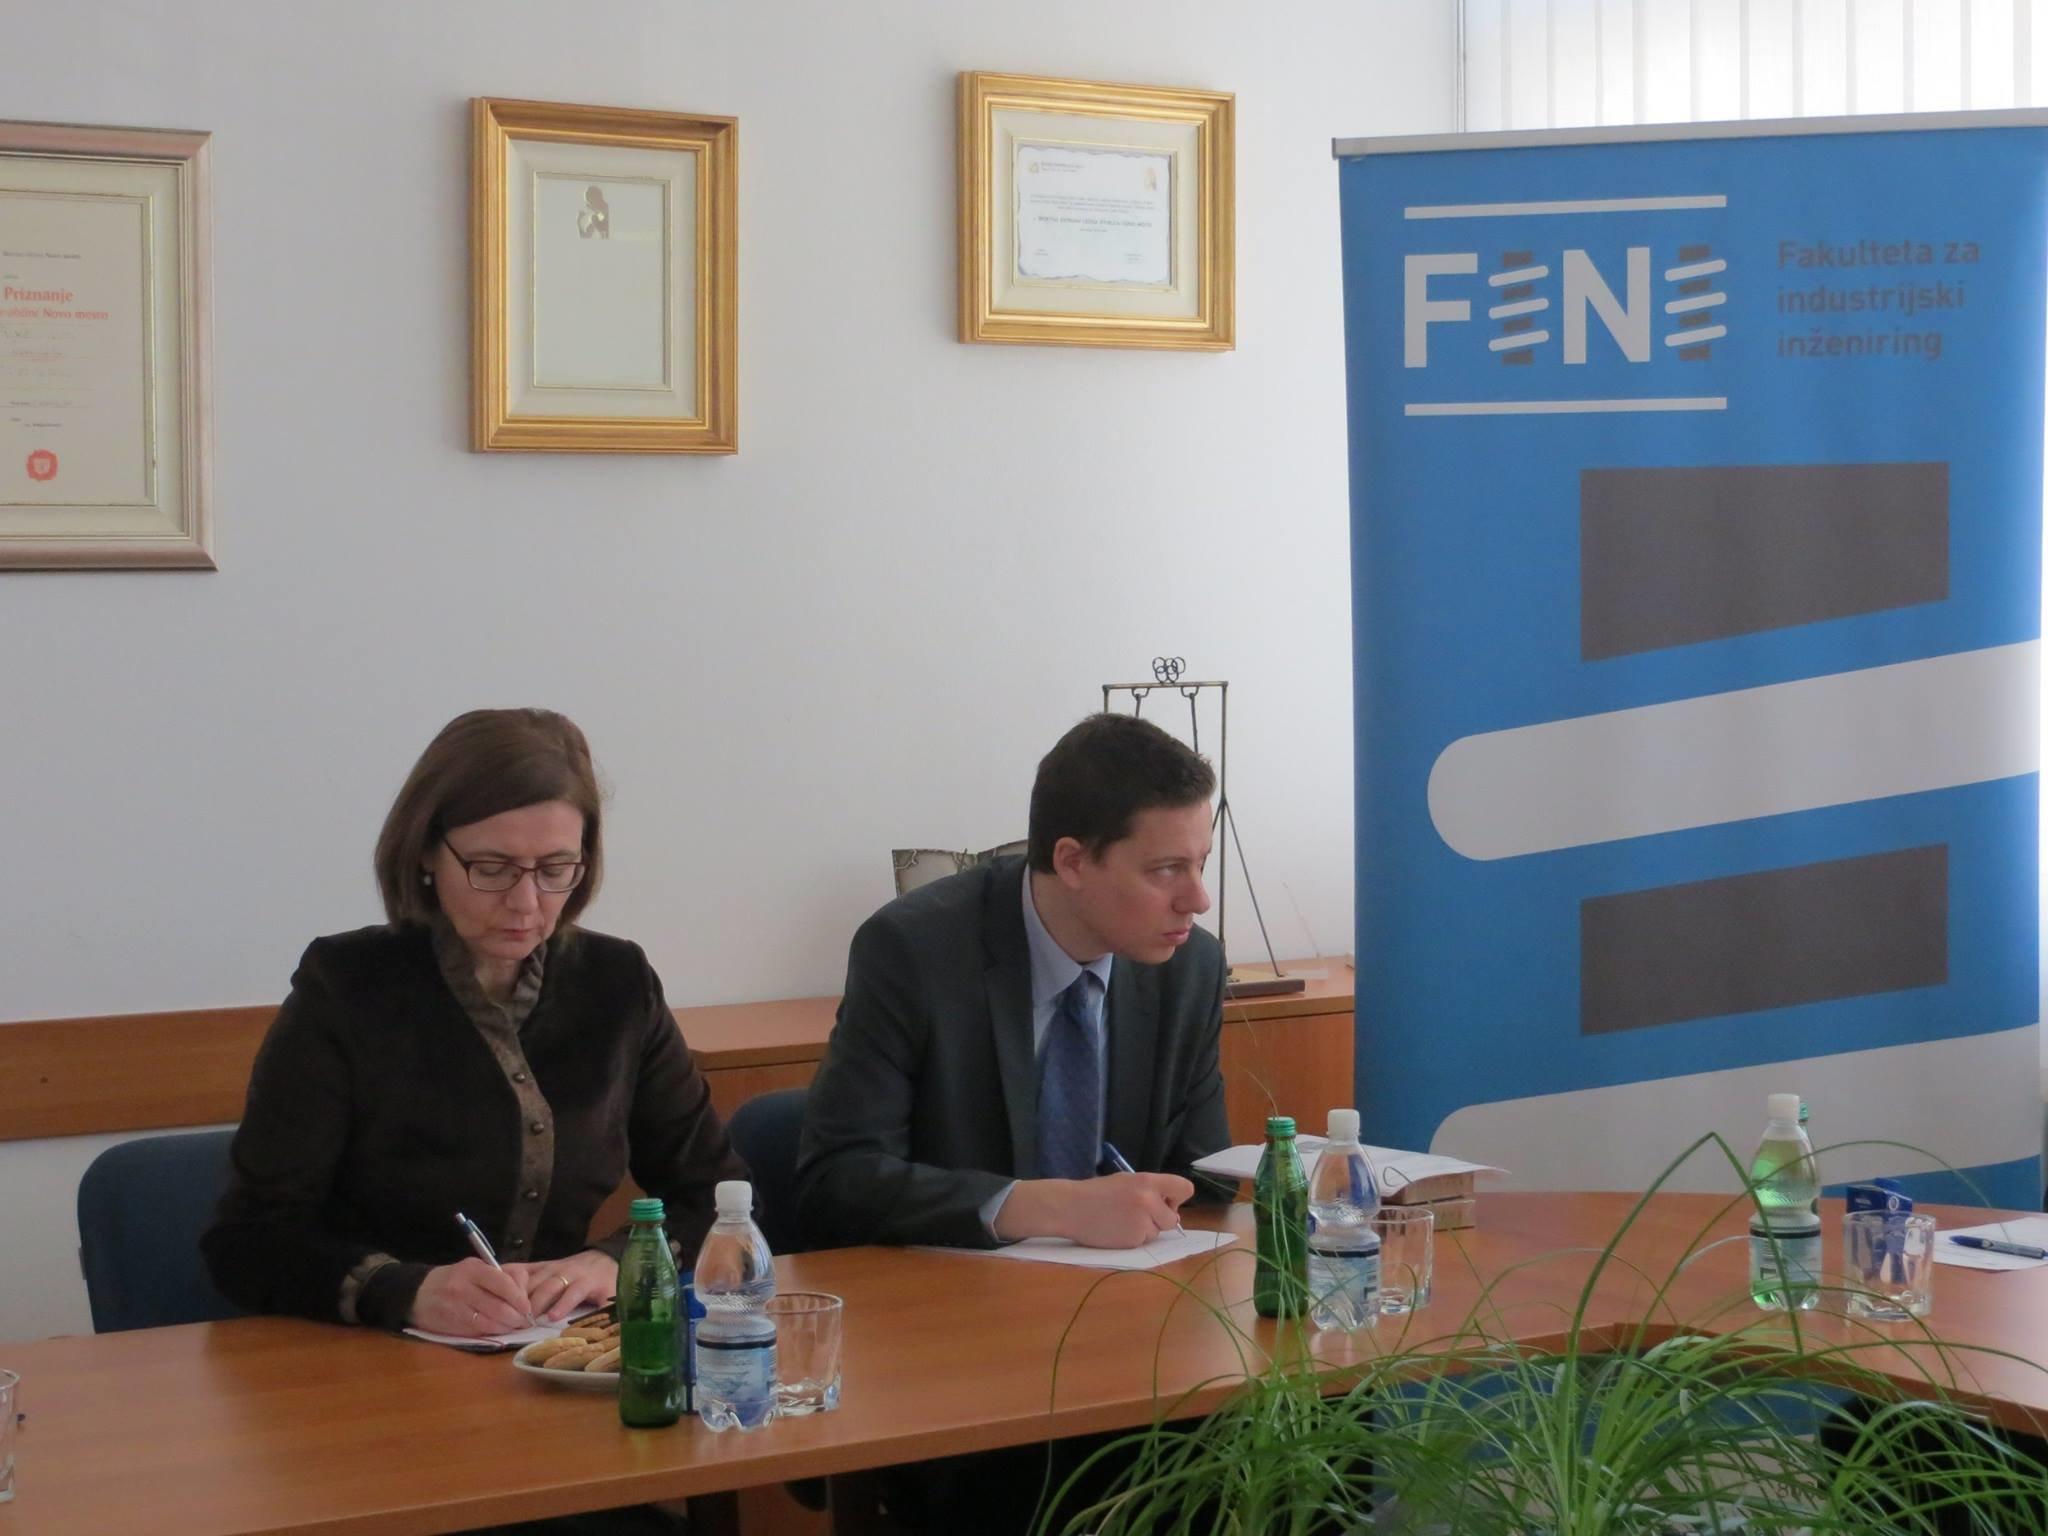 FINI Novo mesto je obiskala madžarska veleposlanica v Sloveniji